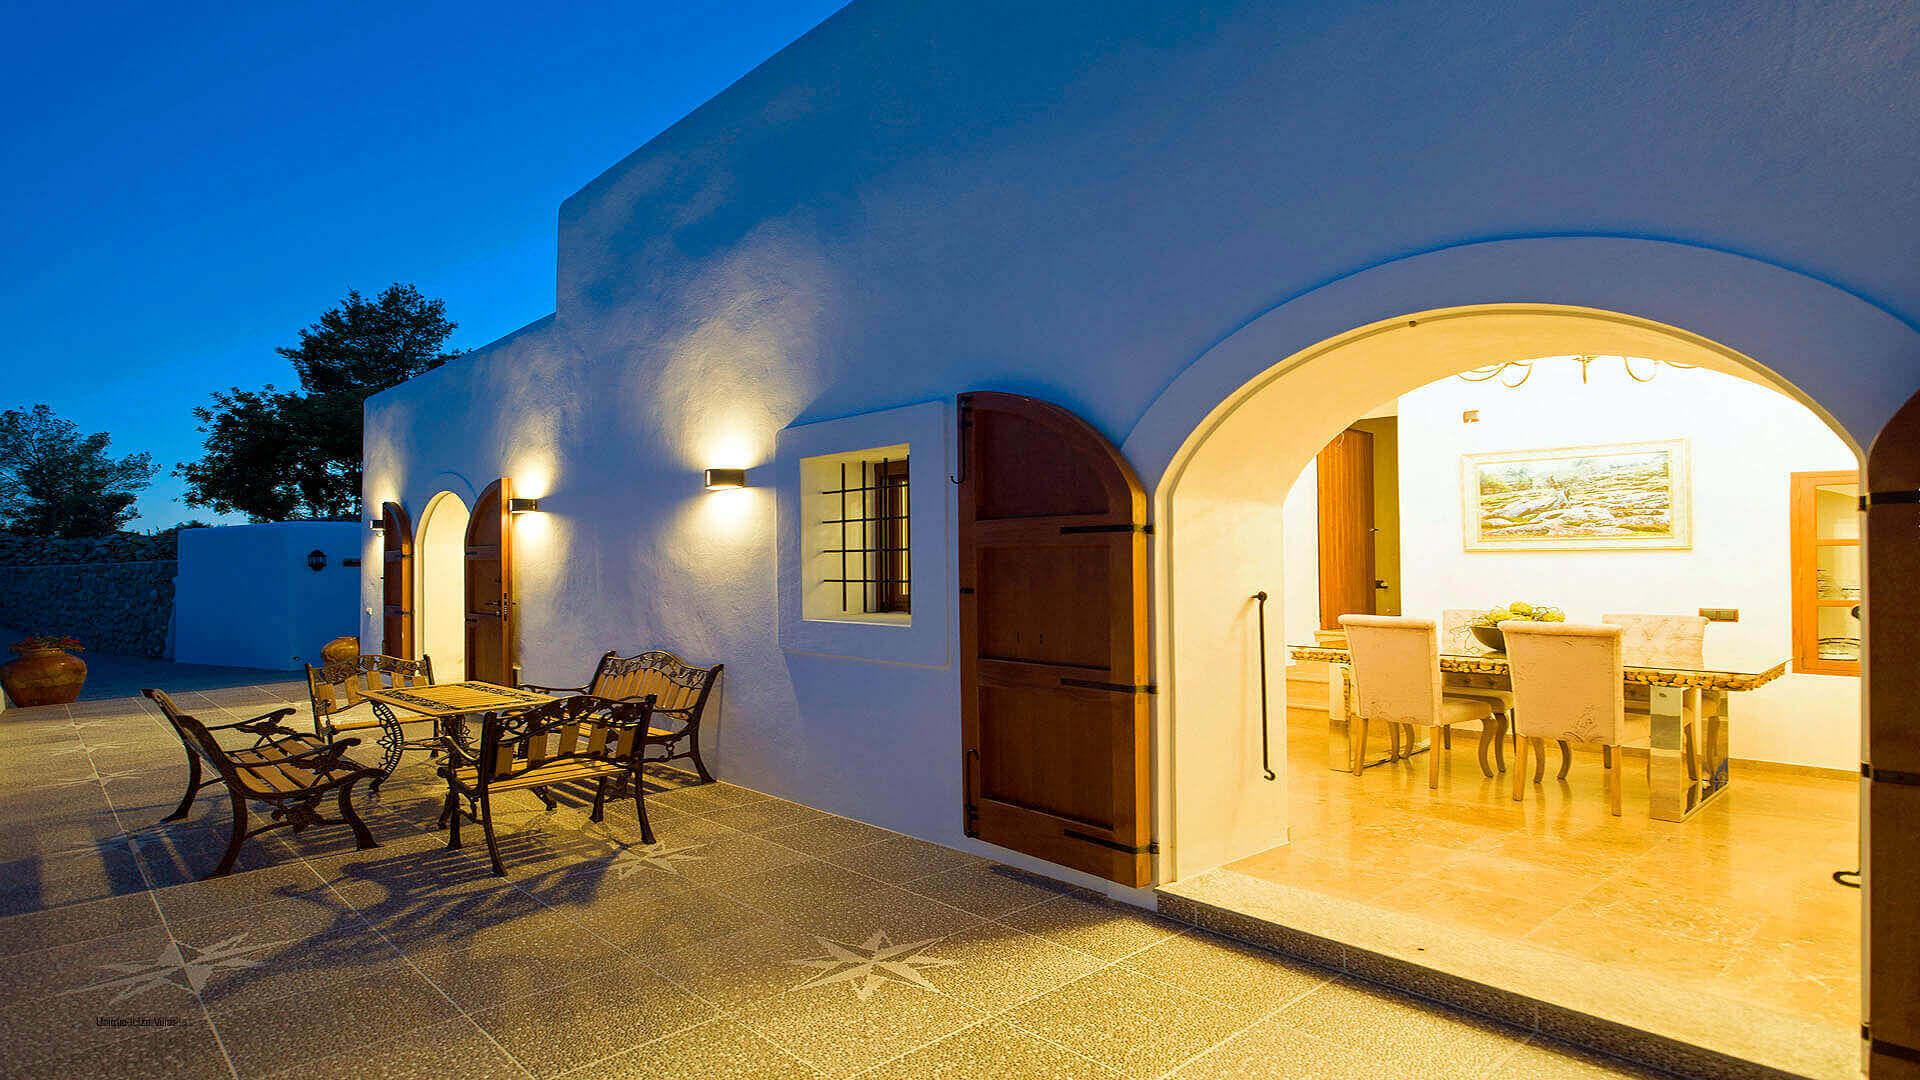 Casa Pep San Mateo Ibiza 13 Near San Mateo